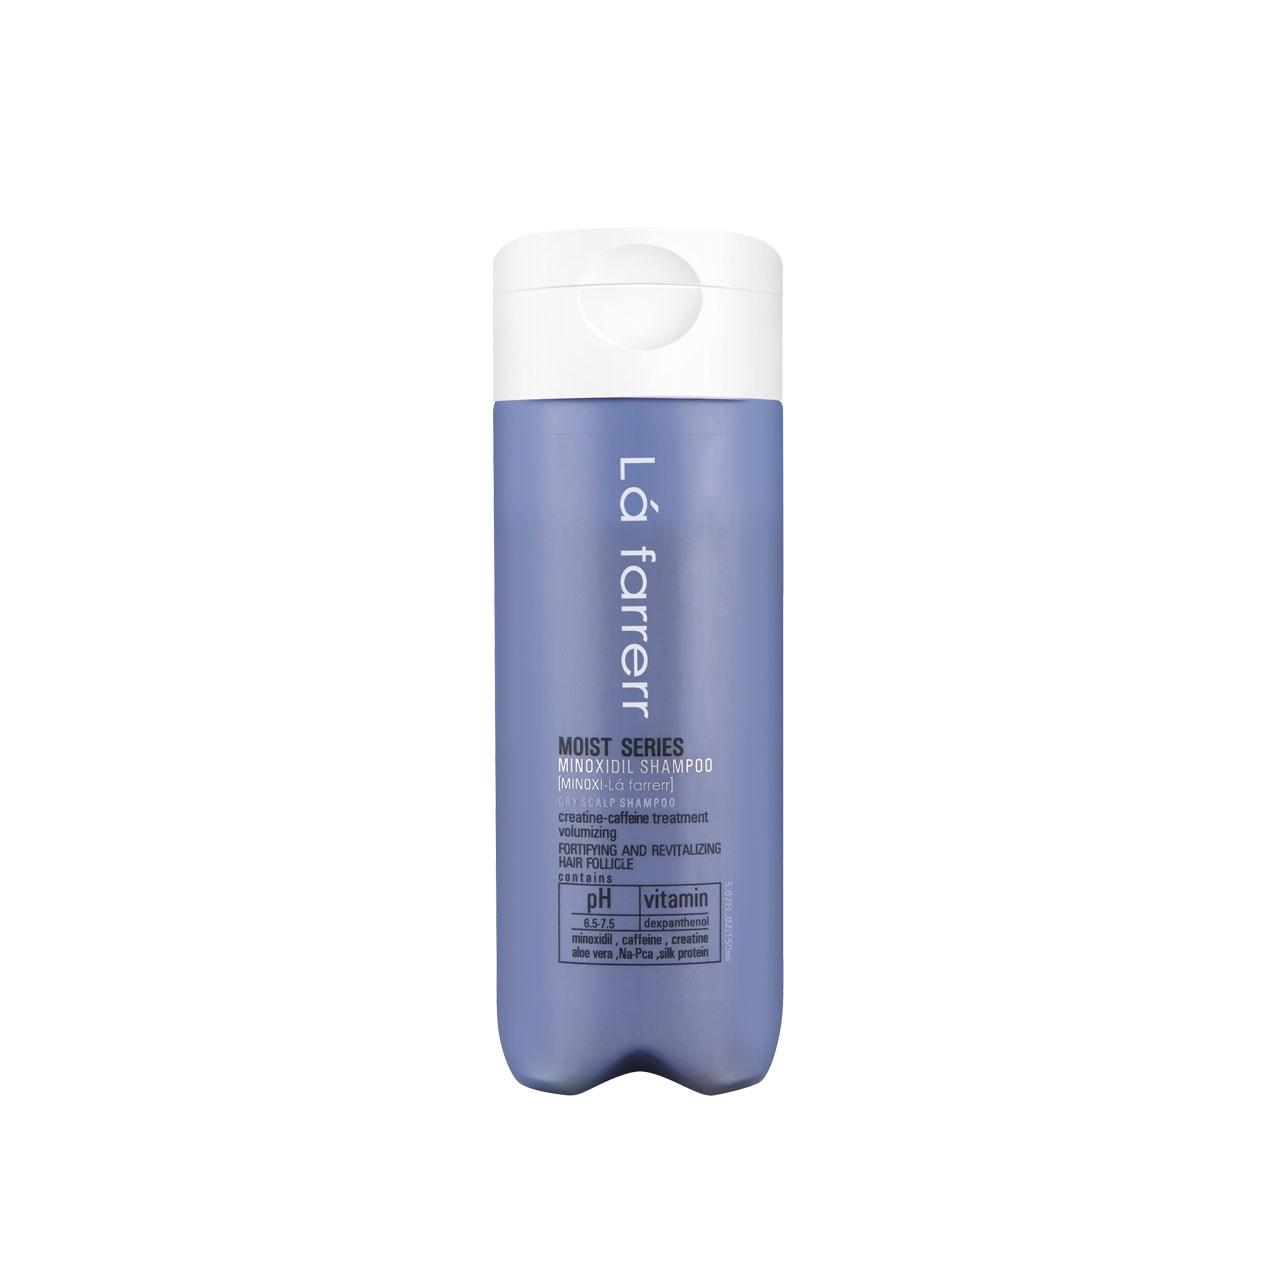 قیمت شامپو ضد ریزش ماینوکسی لافارر مخصوص موهای خشک و زبر مدل Minoxi For Dry Hair حجم 150میلی لیتر